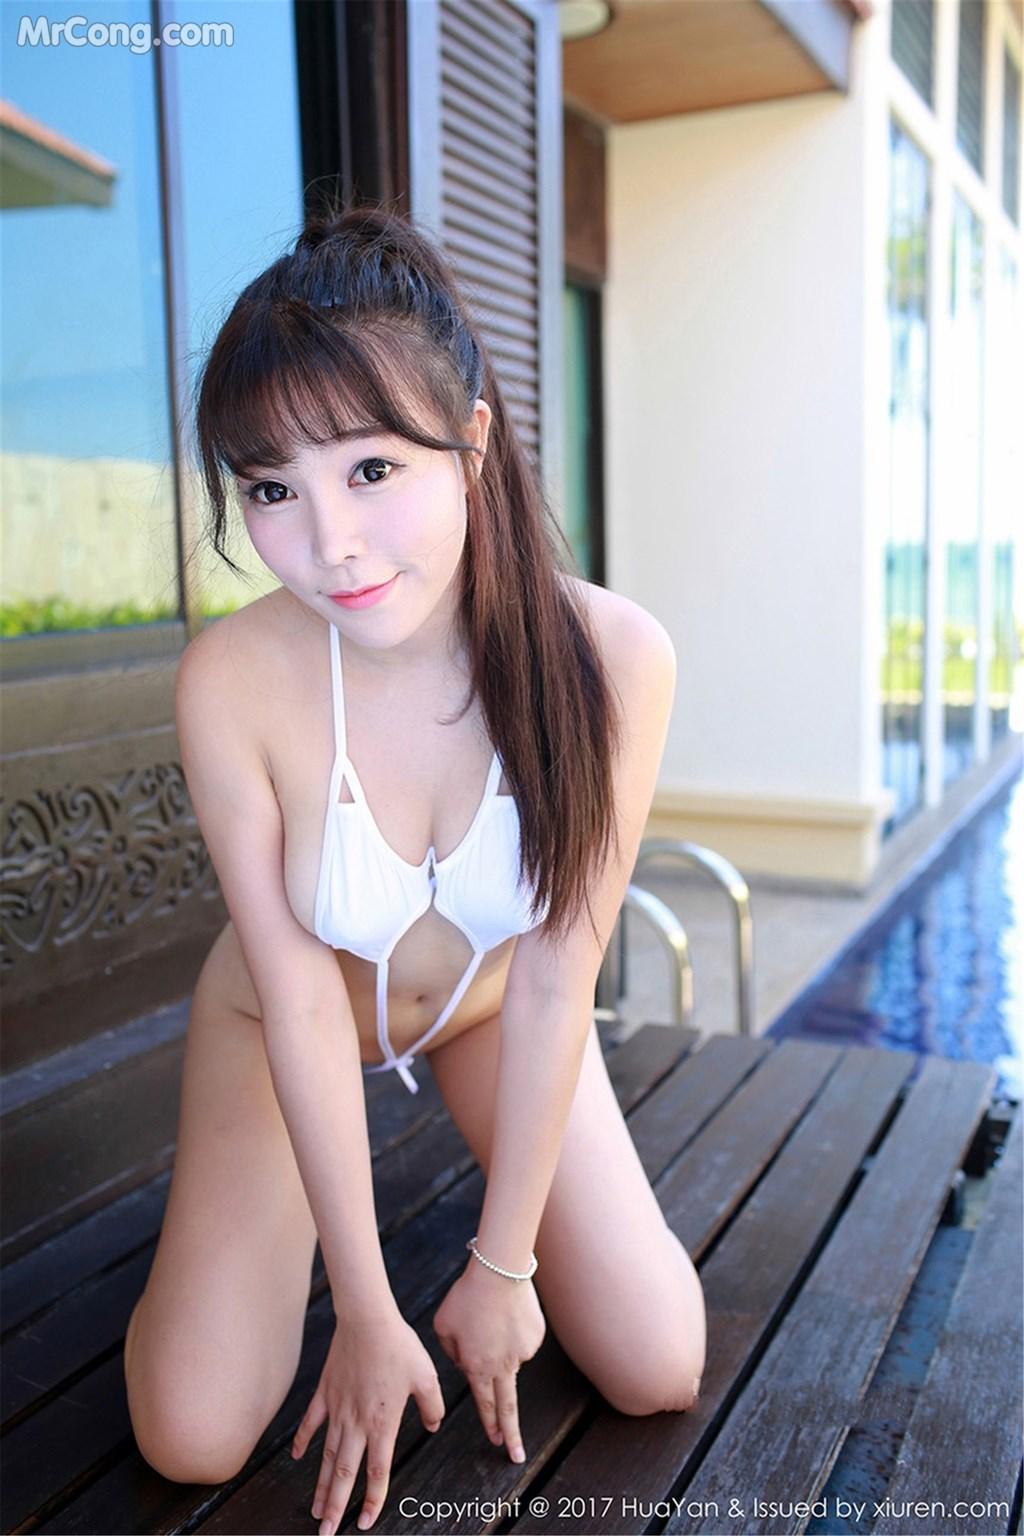 Image HuaYan-Vol.041-Booty-Zhizhi-MrCong.com-009 in post HuaYan Vol.041: Người mẫu Booty (芝芝) (54 ảnh)